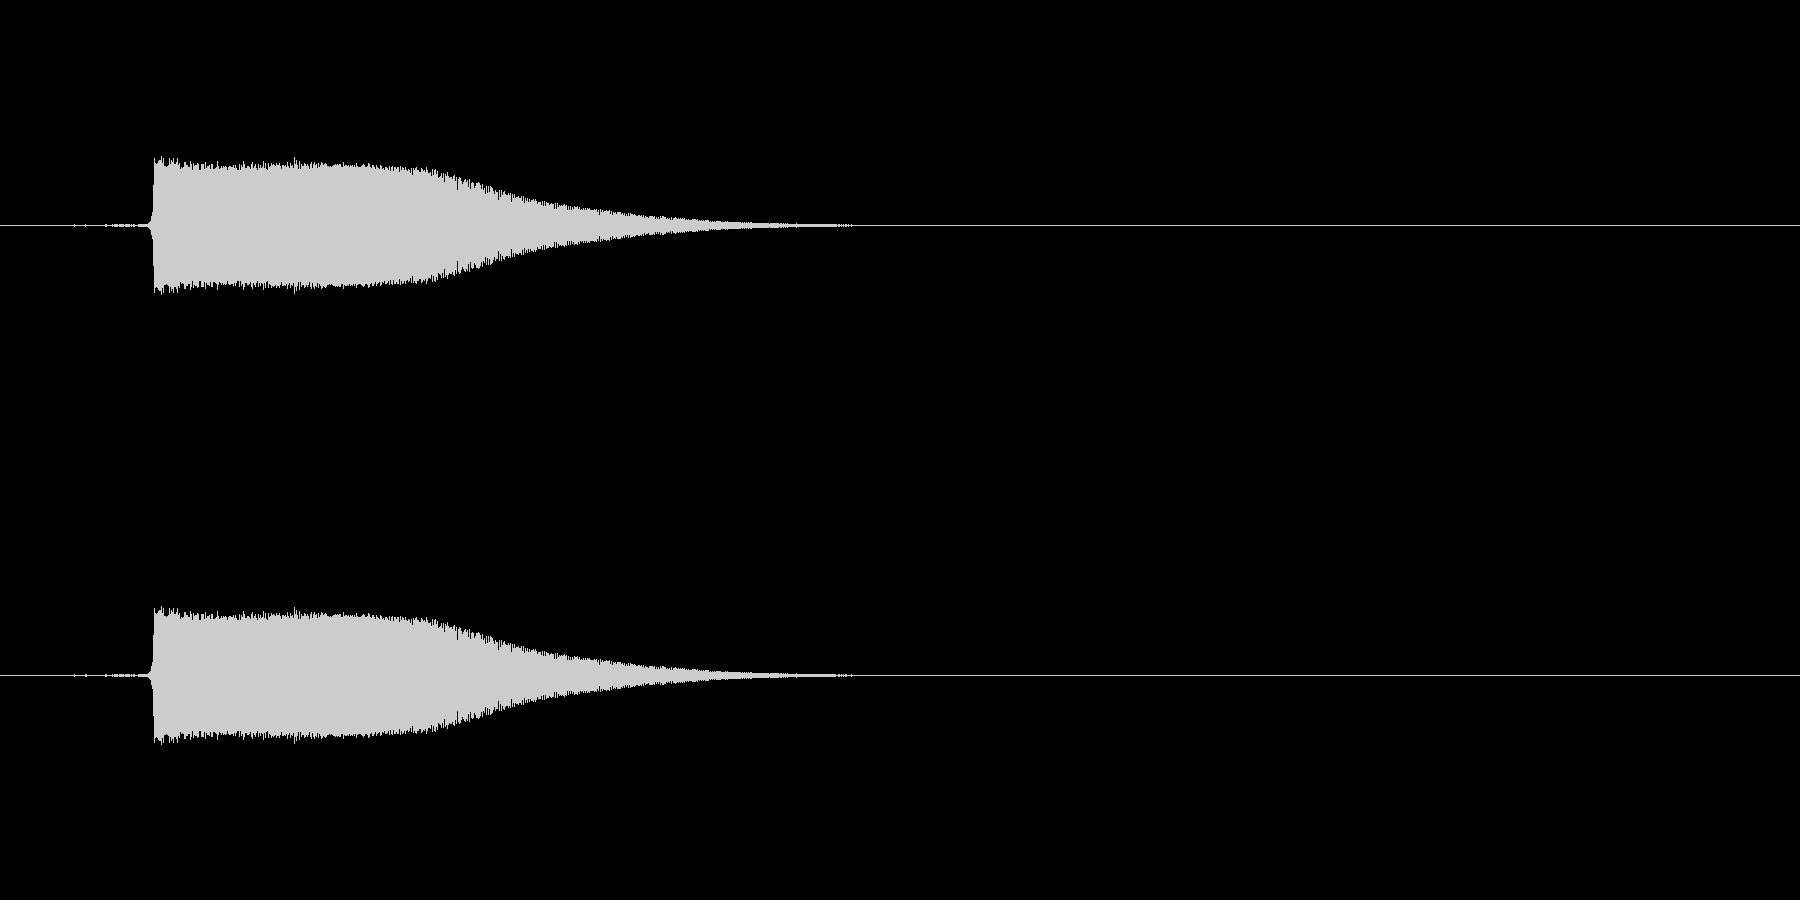 キィン(金属と金属を叩きつけたような音)の未再生の波形